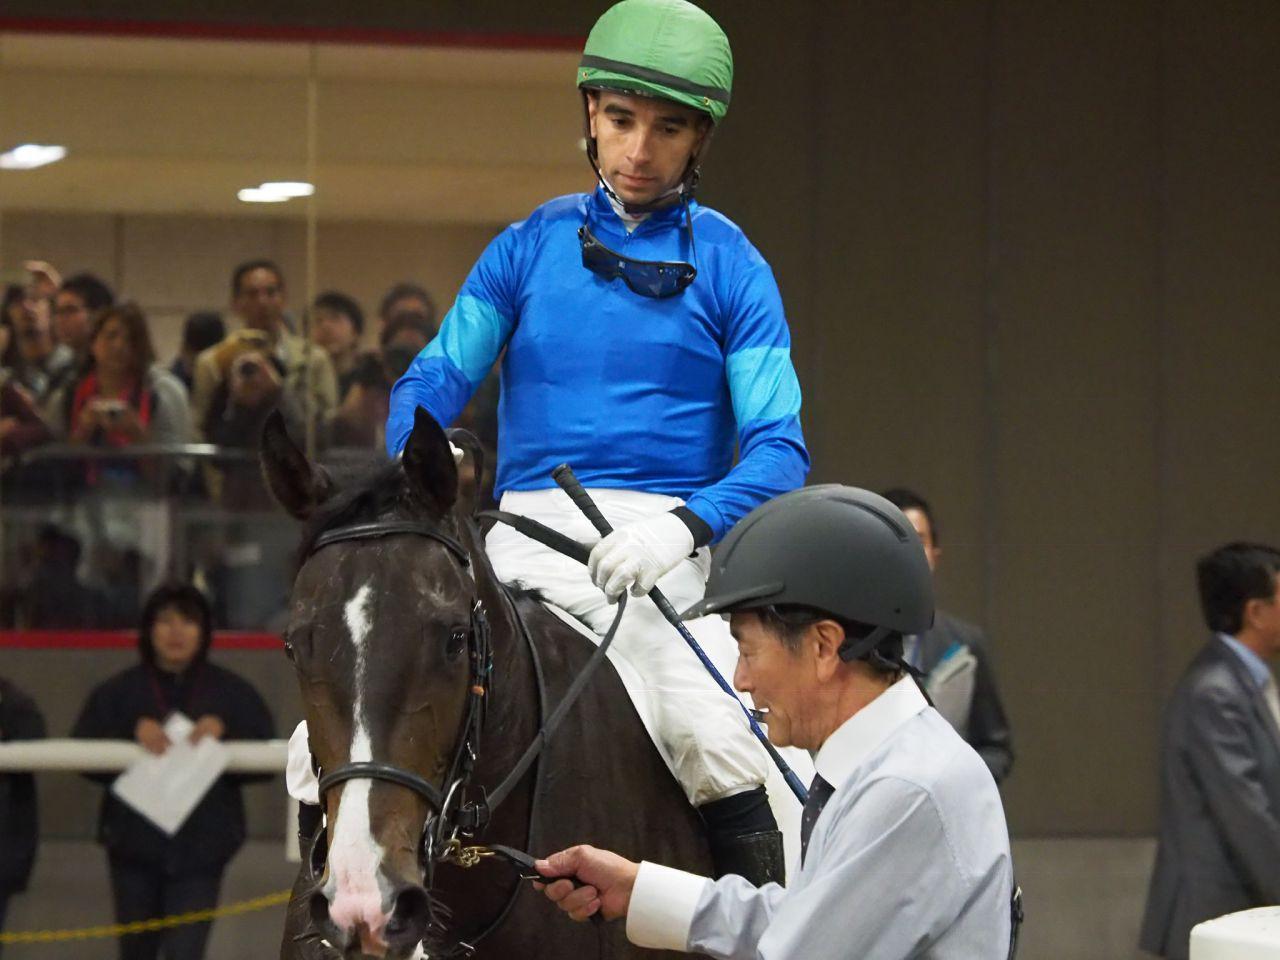 【土曜/東京新馬戦】モレイラ「キレを見せてくれた」レディマクベスが鋭いキレを発揮